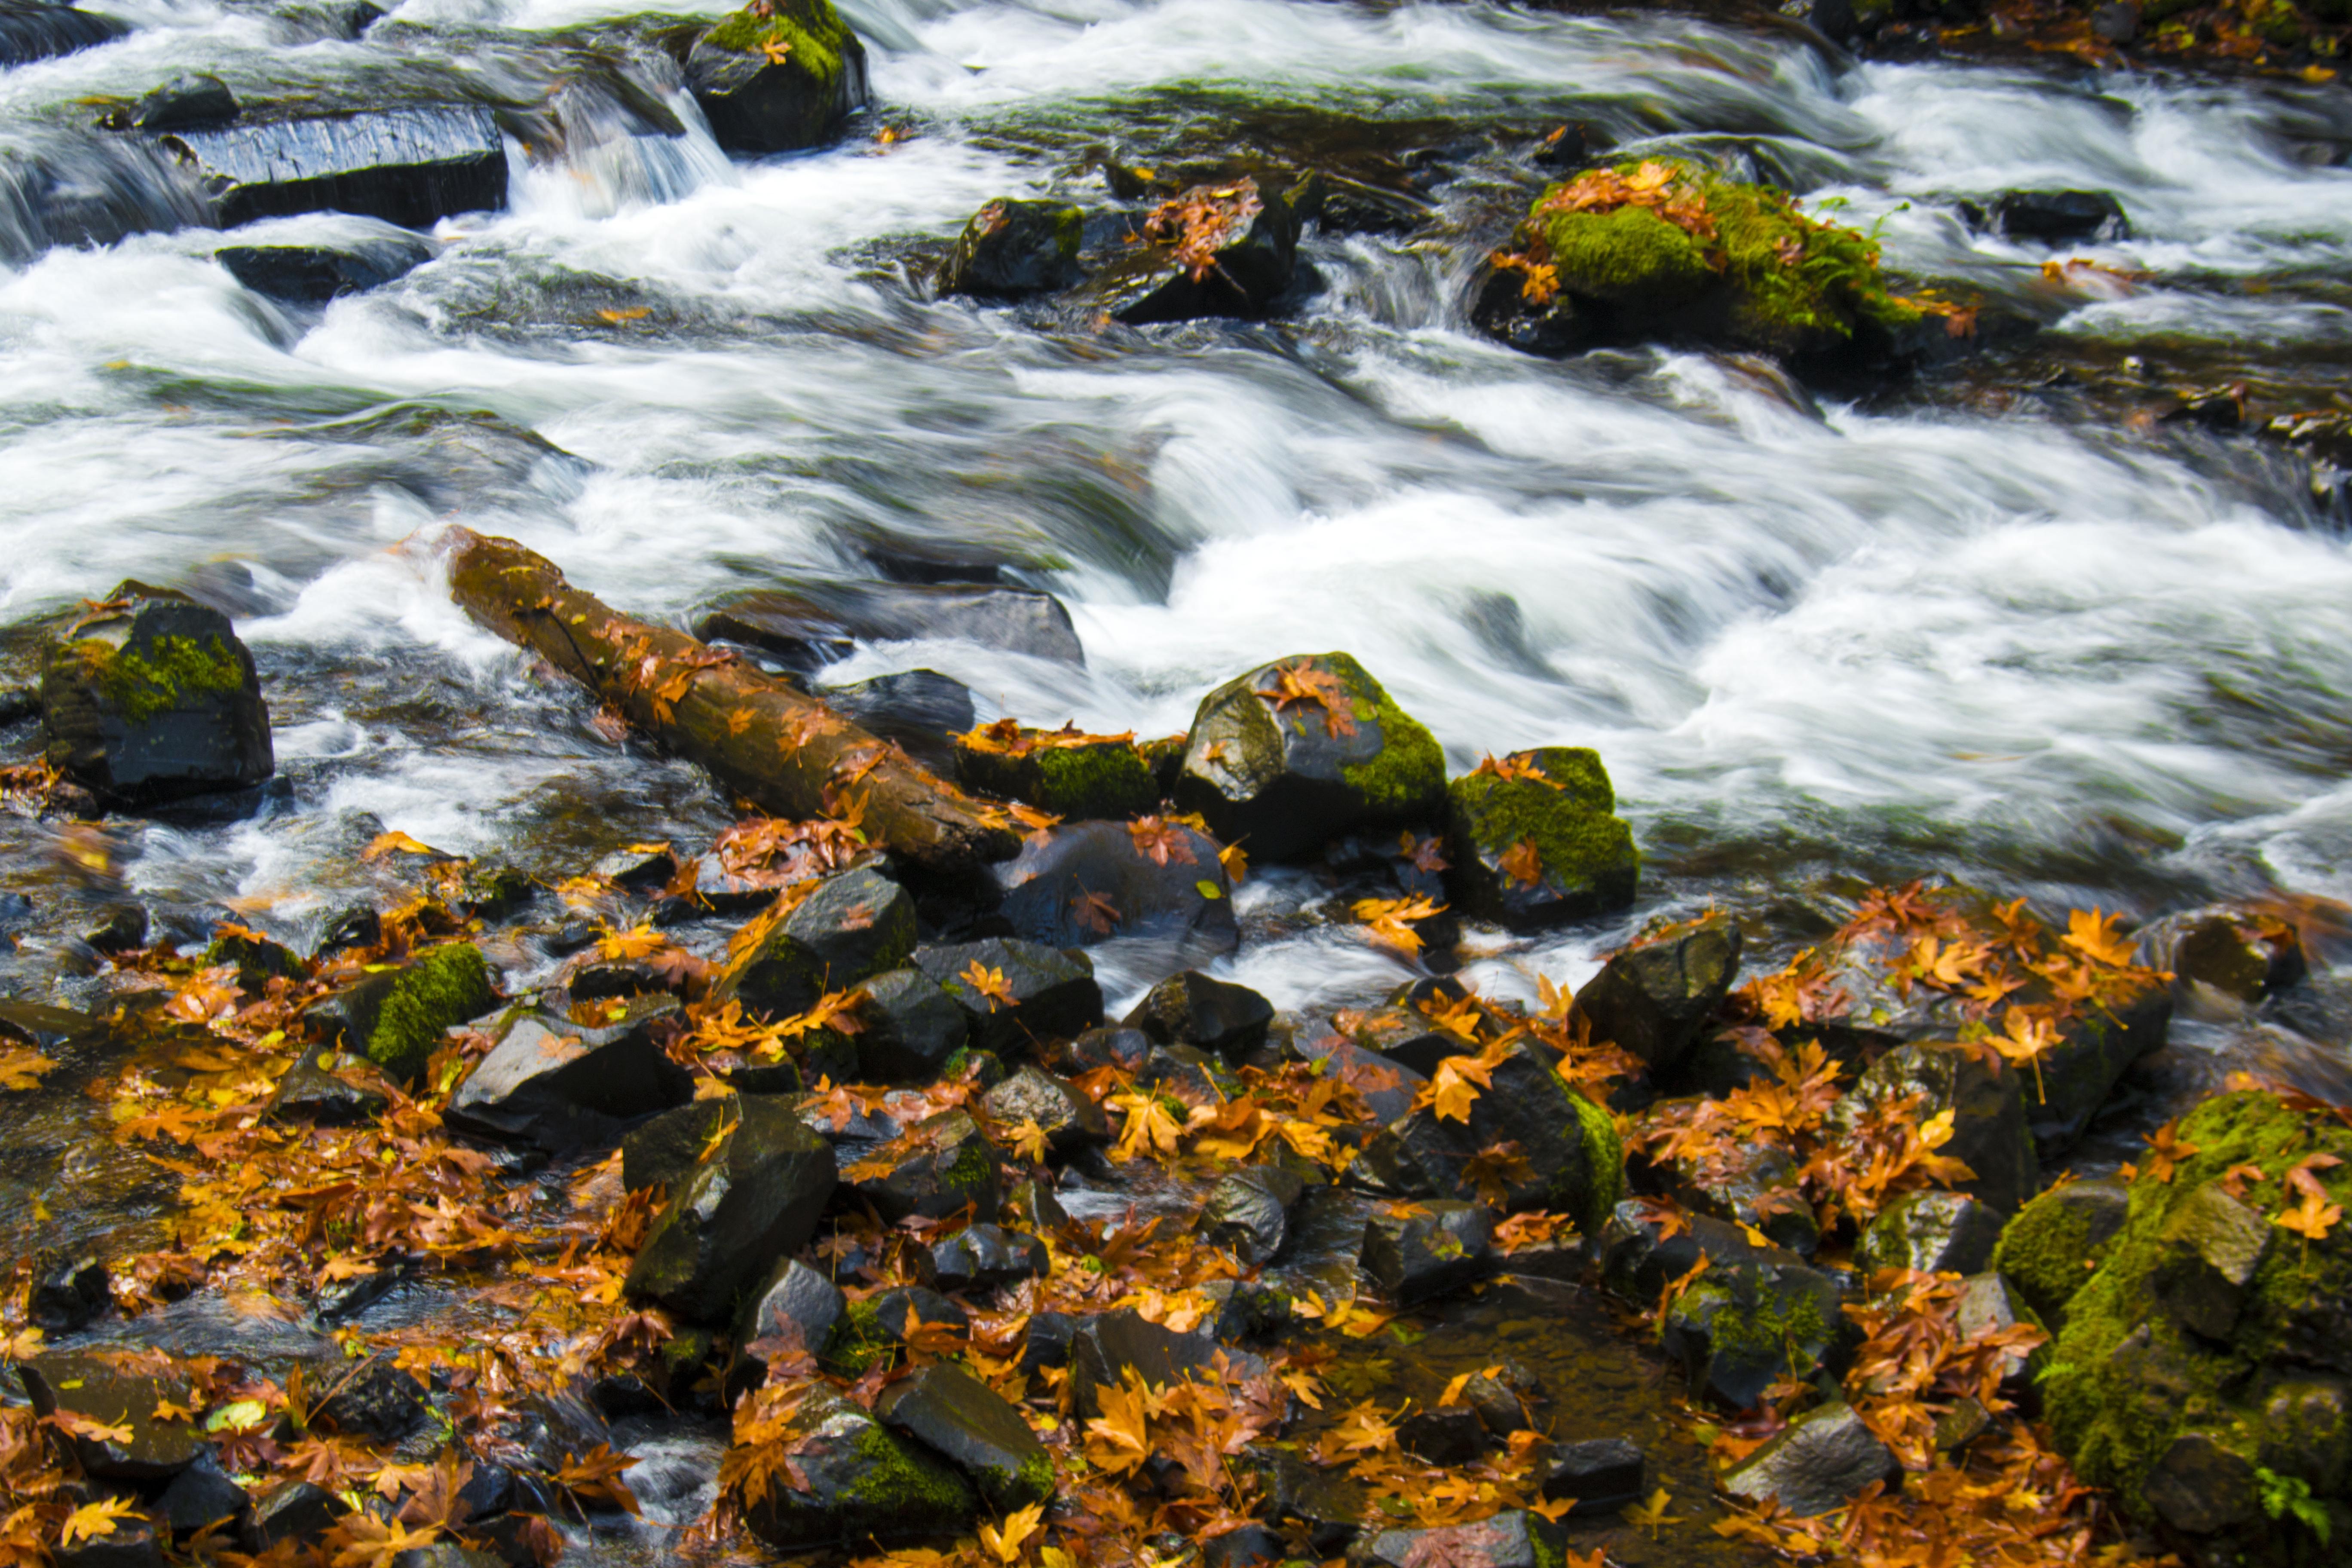 Autumn Leaves in Oregon, Autumn leaves, Oregon, River, Stream, HQ Photo